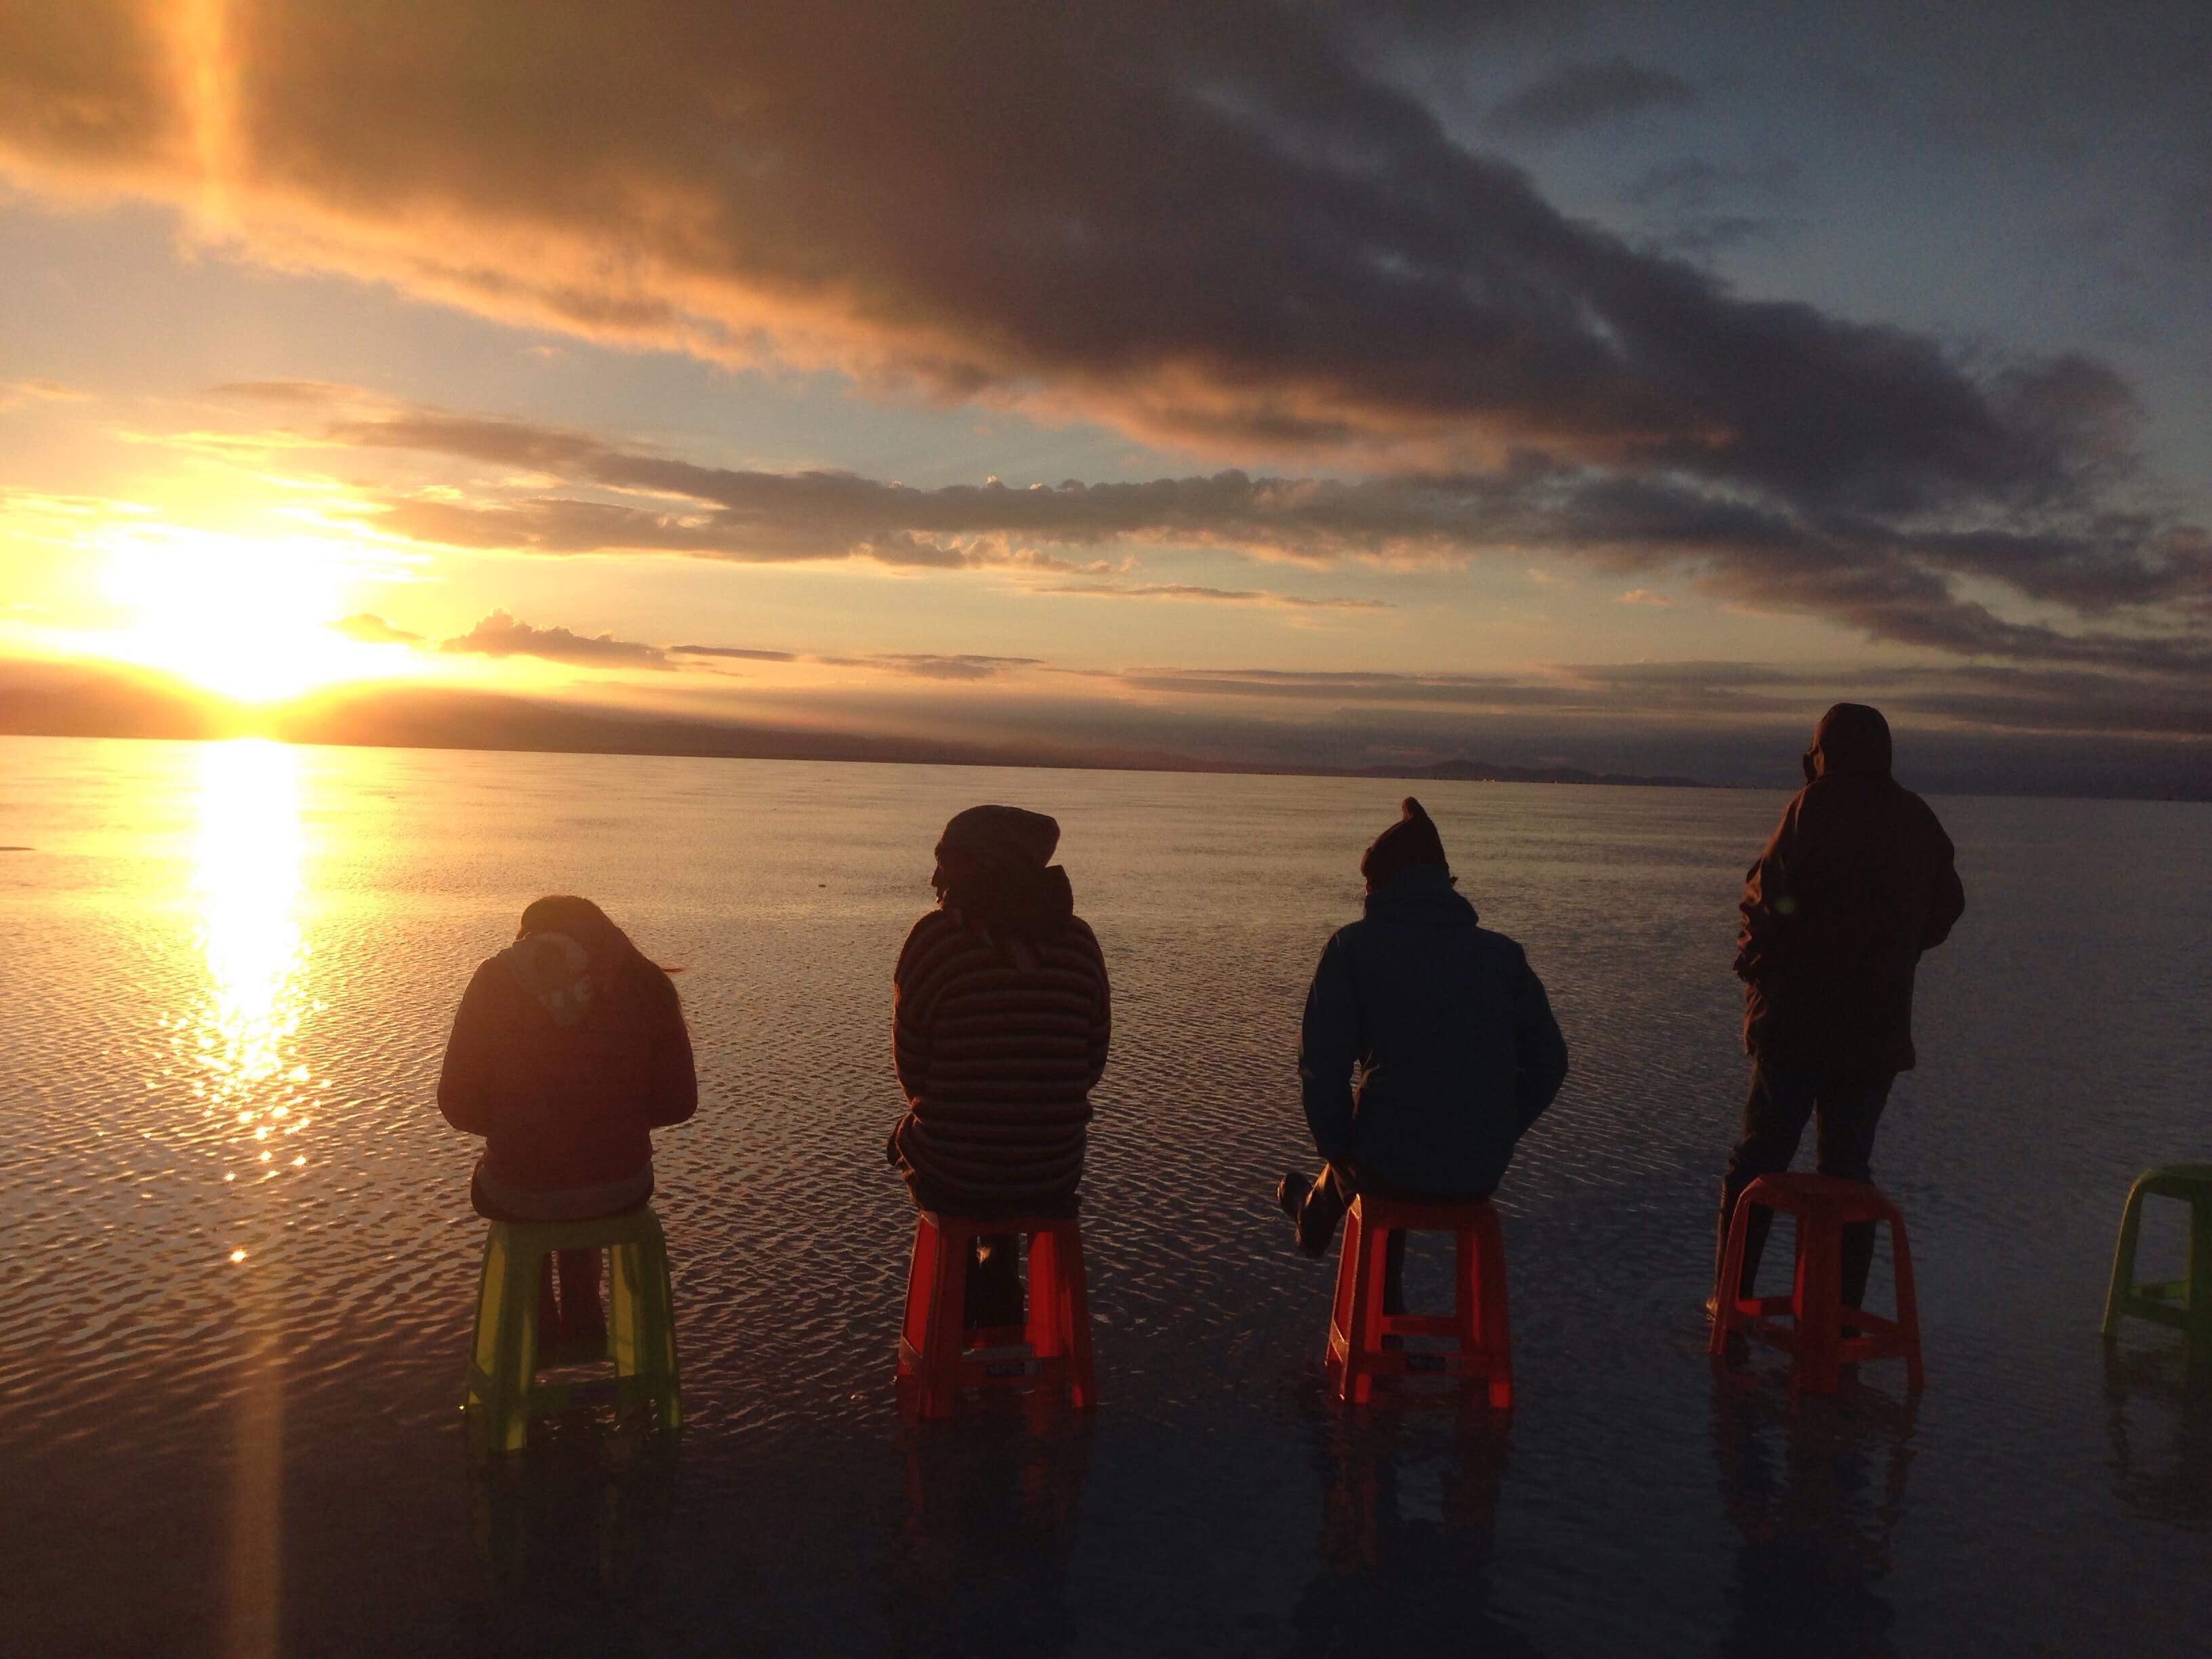 ウユニ塩湖 でサンセットを待つチパコプター